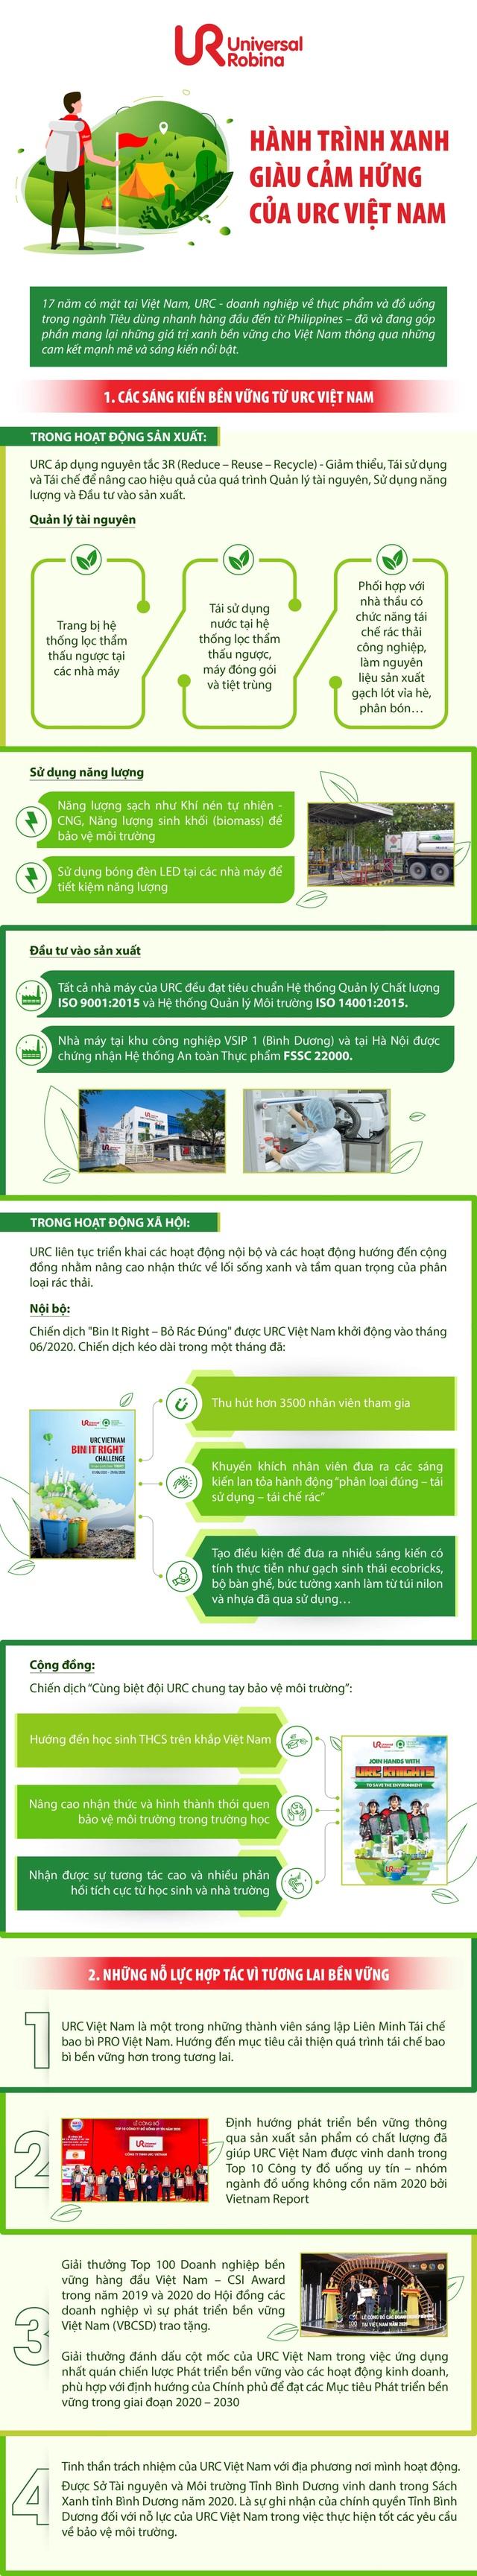 Hành trình xanh giàu cảm hứng của URC Việt Nam - 1